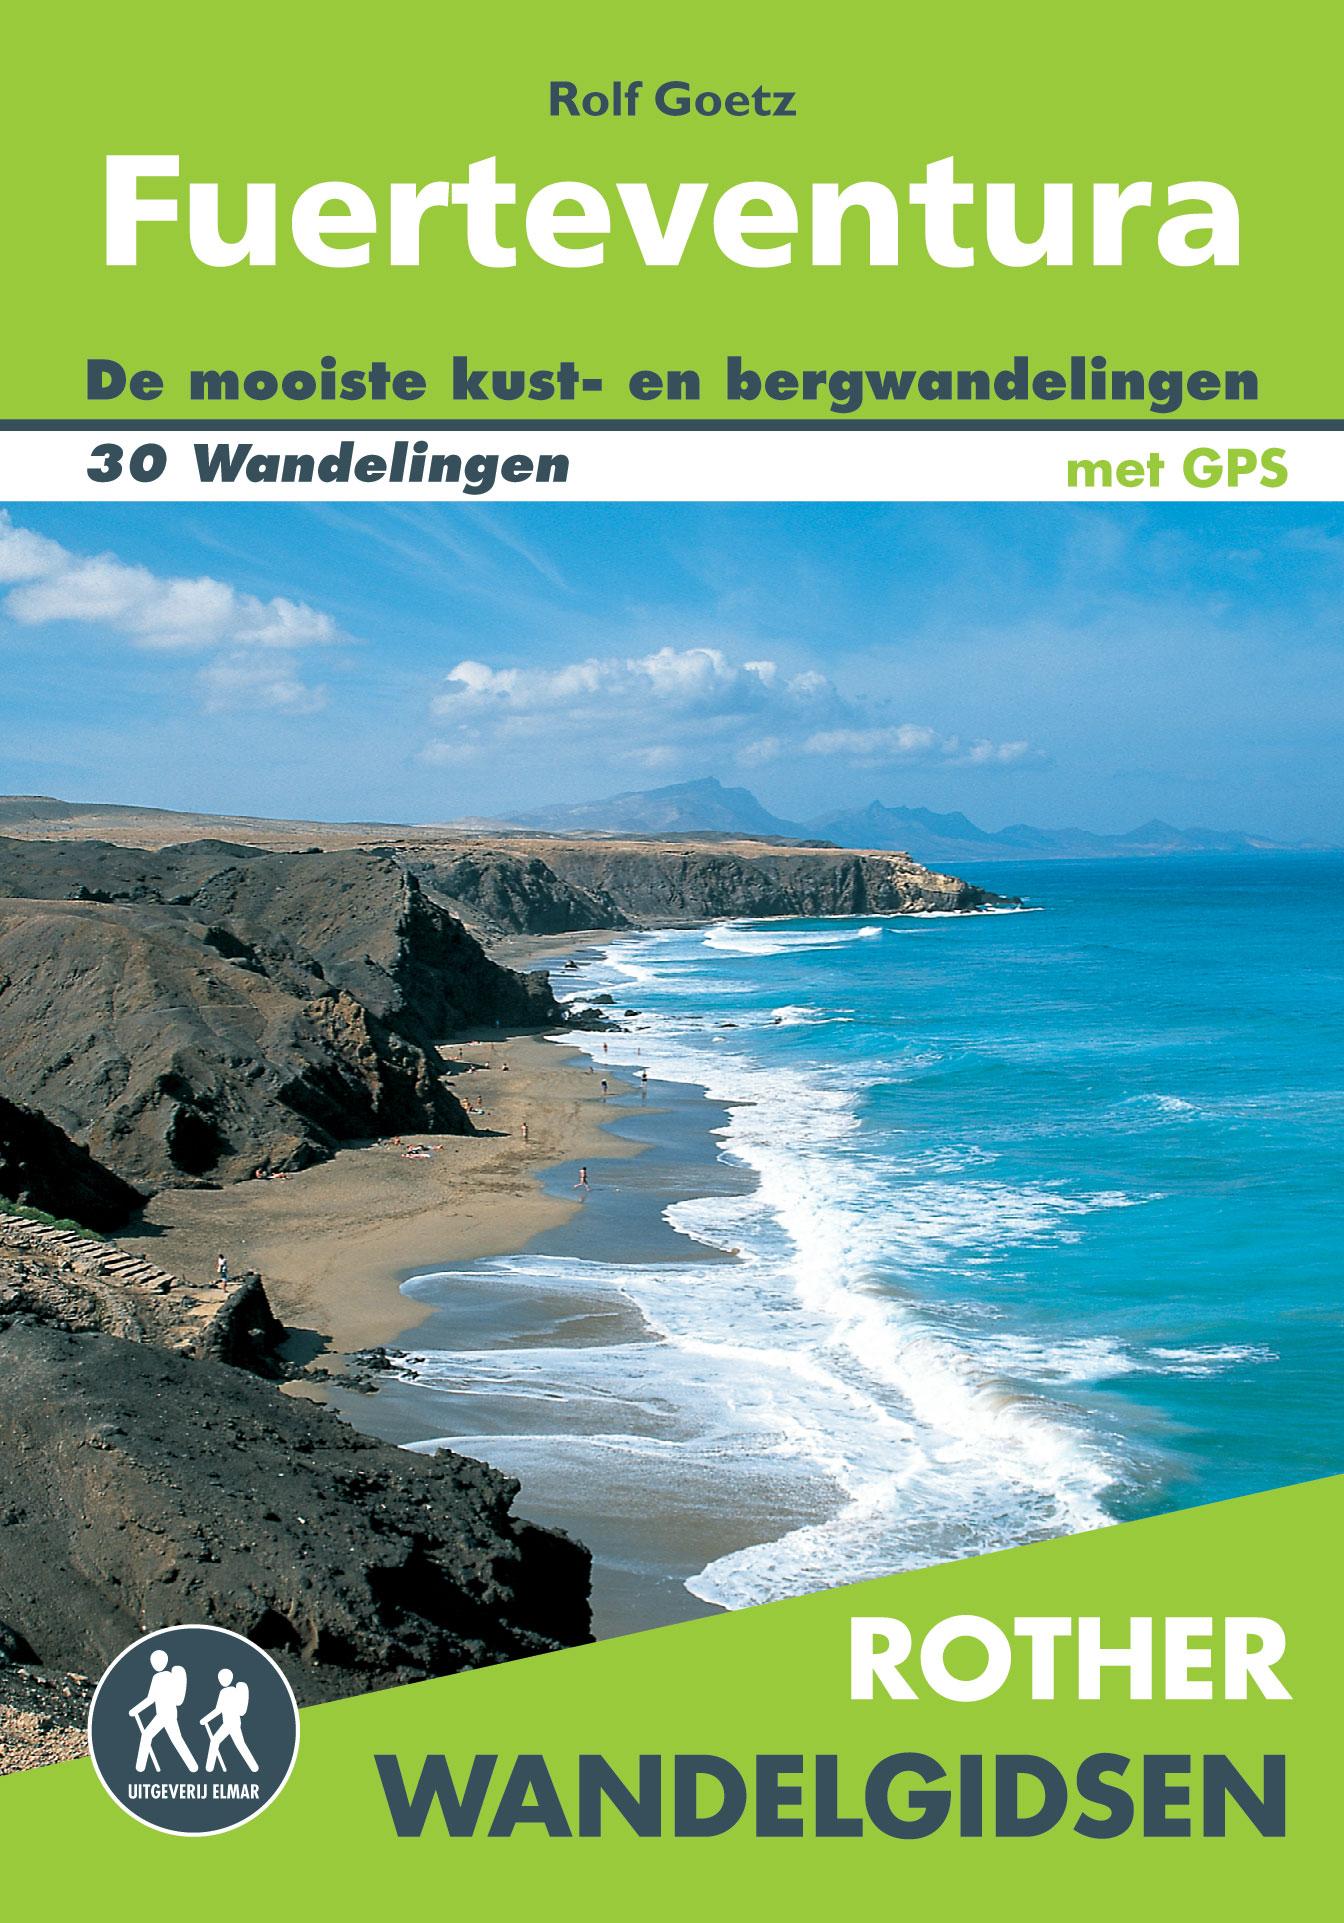 Wandelgids Fuerteventura (Nederlands)   Elmar - Rother   Rolf Goetz